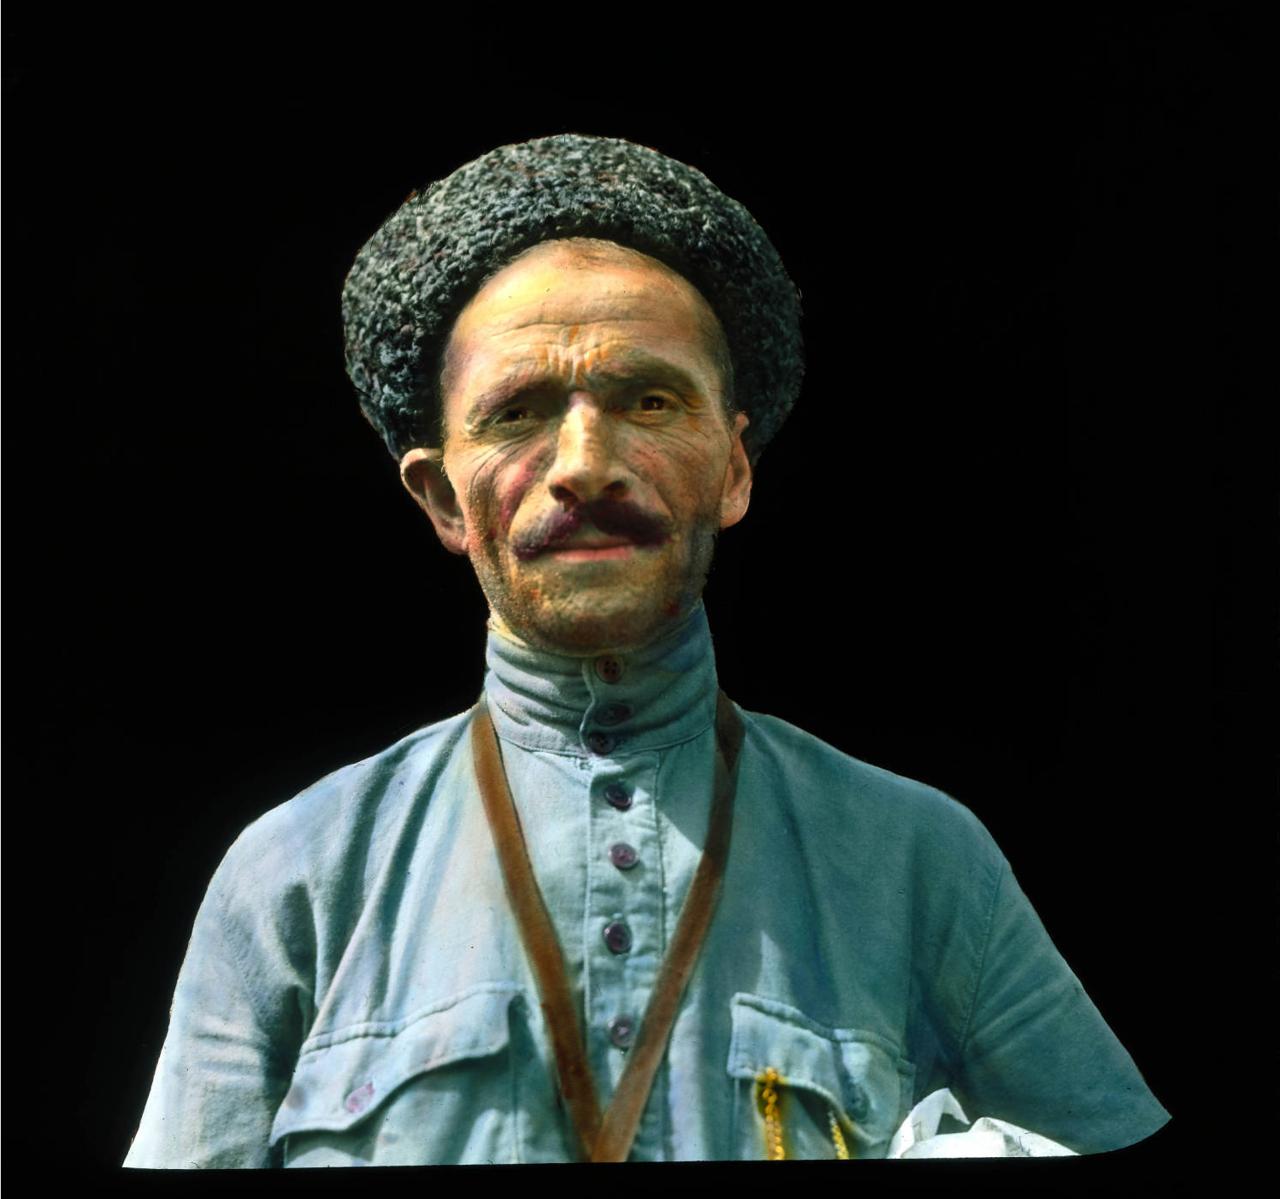 Москва. Мужчина в каракулевой шапке